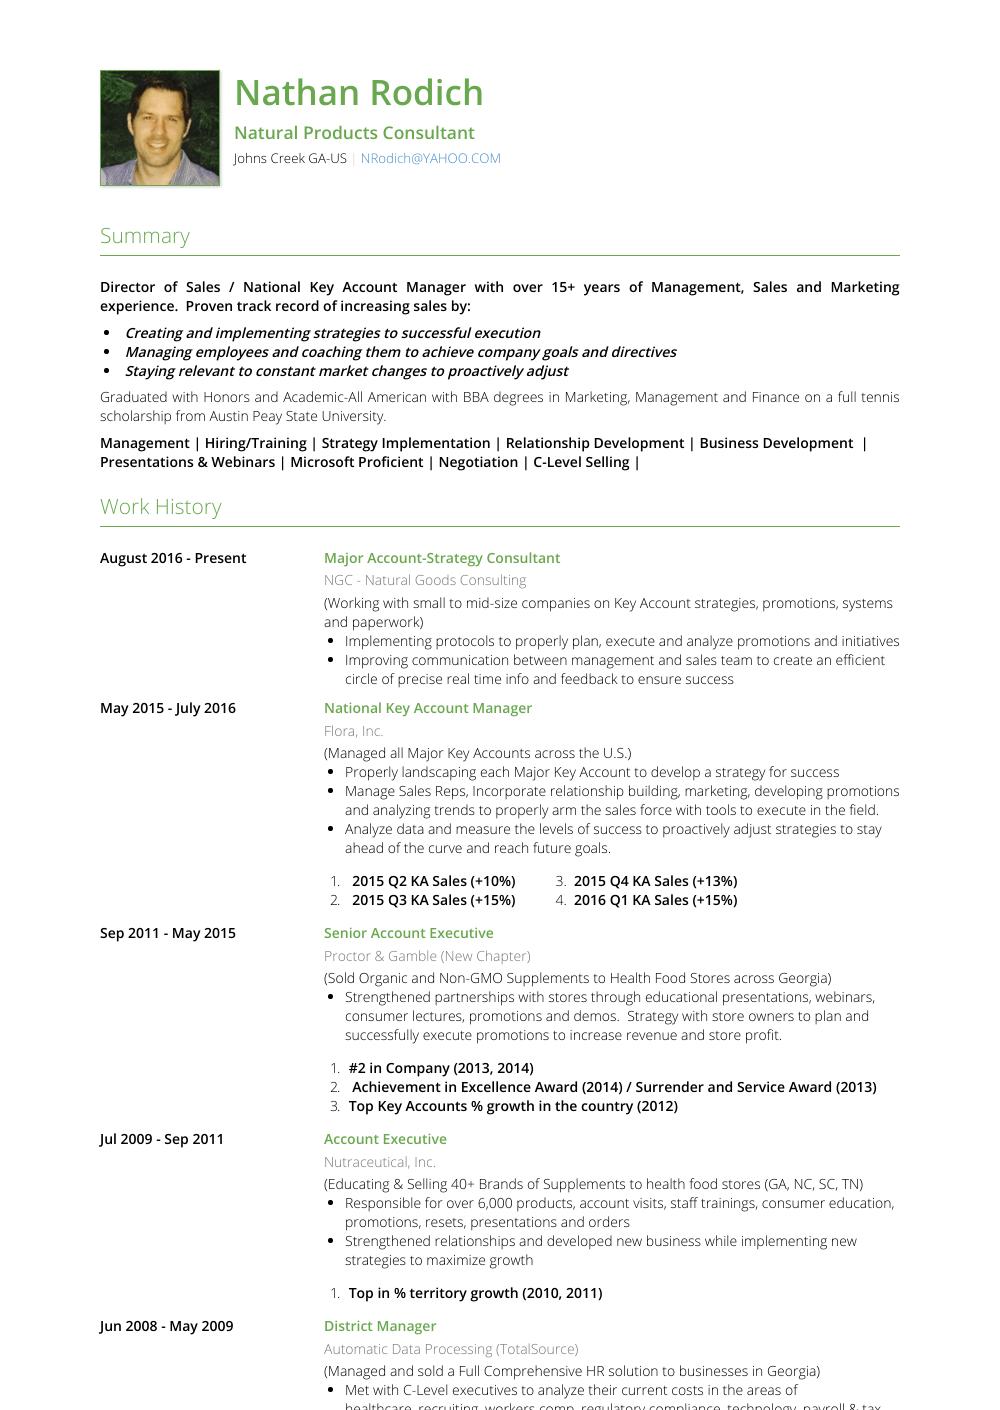 Senior Resume Sample